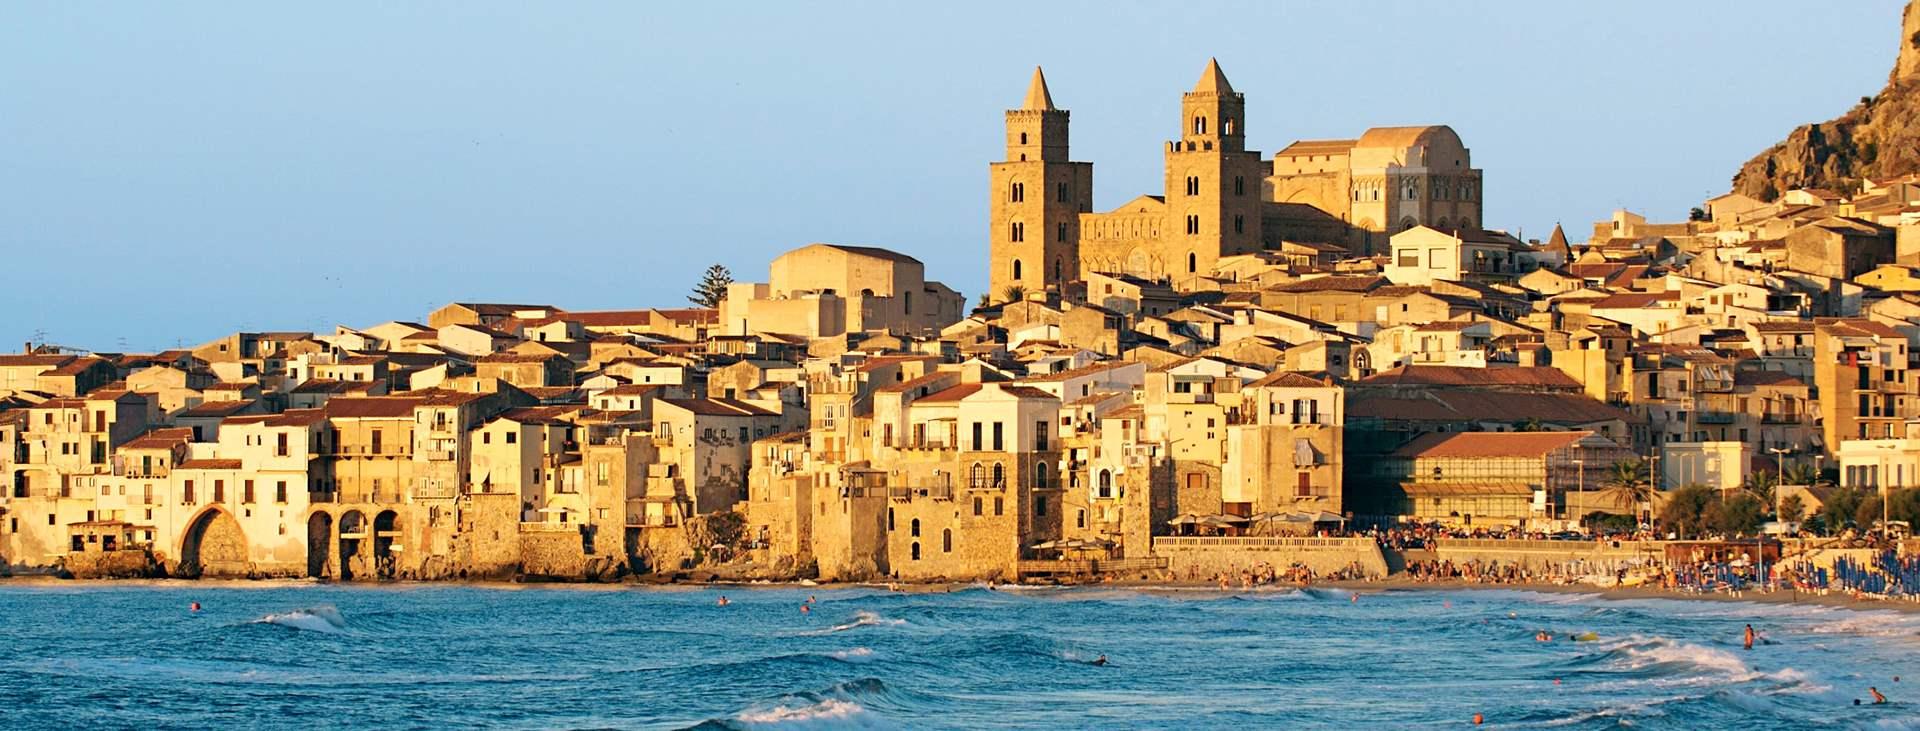 Varaa Tjäreborgilta matka Sisiliaan, Italiaan